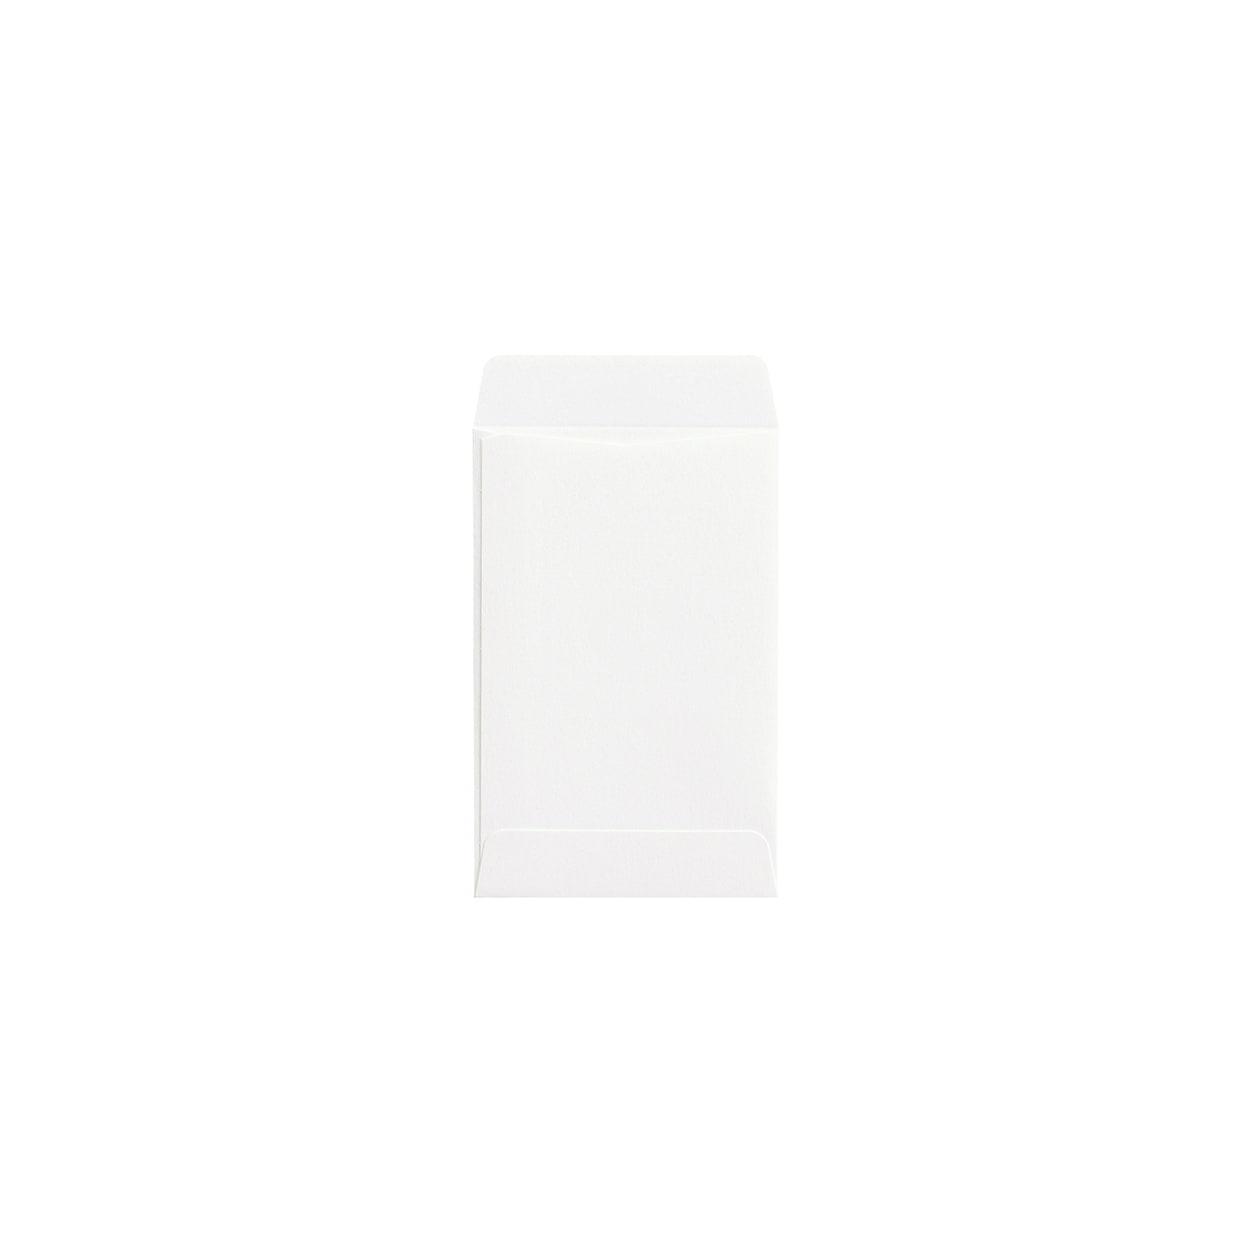 サンプル 封筒・袋 00079